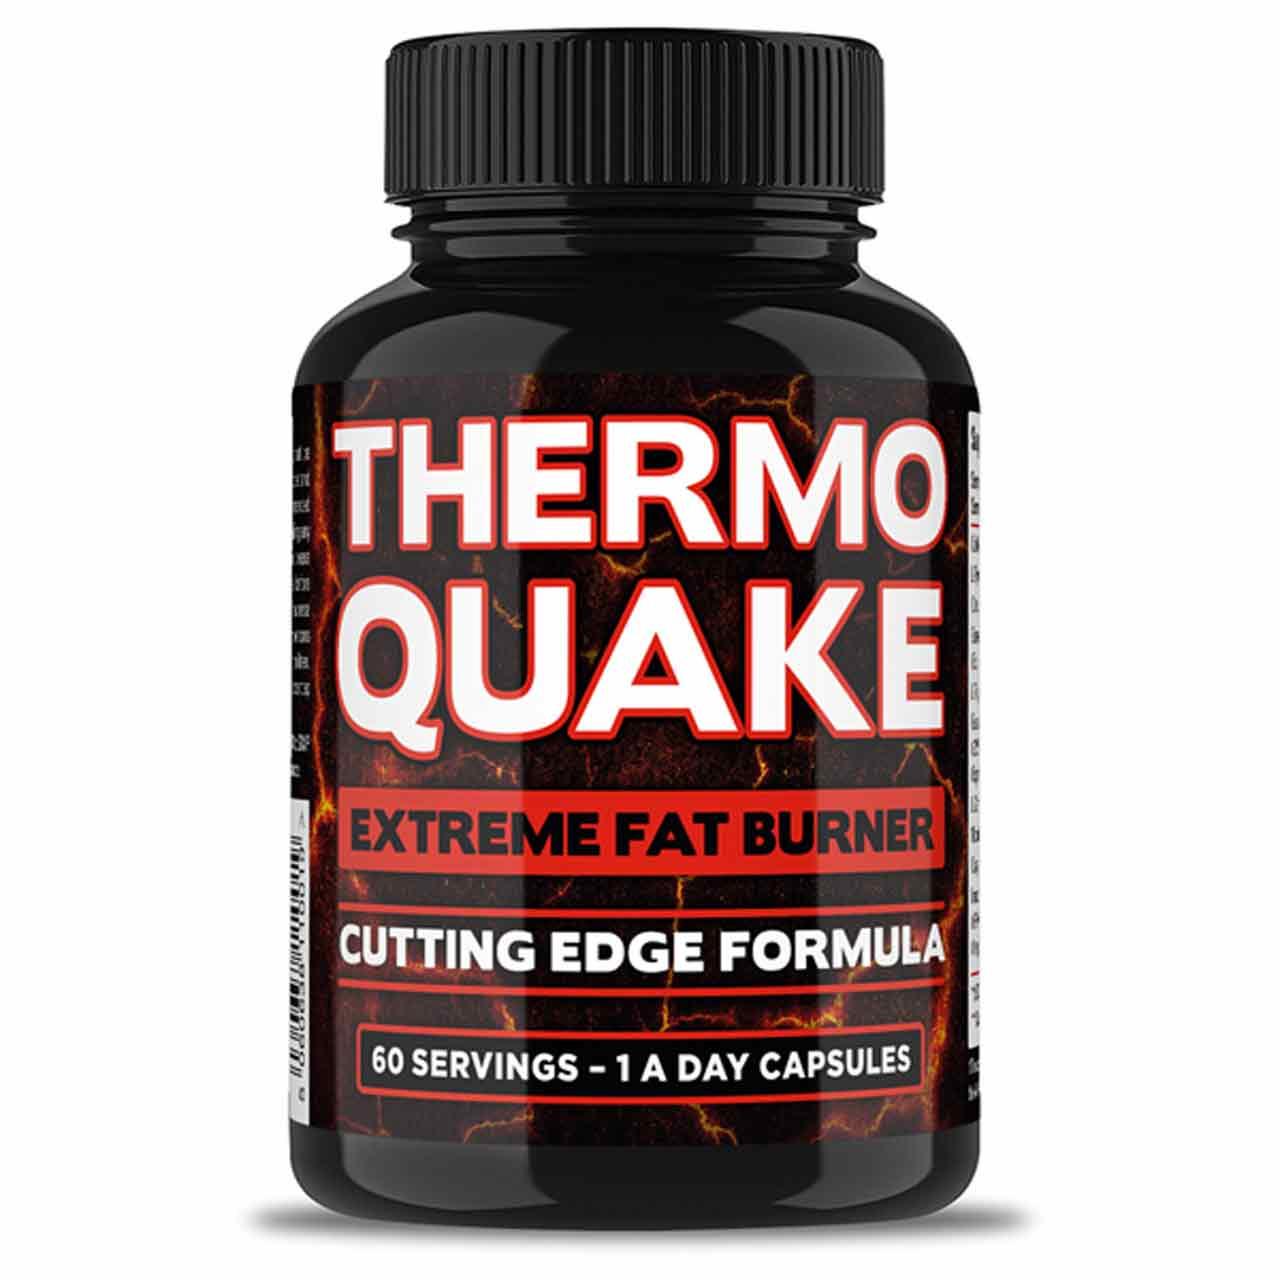 Thermo Quake